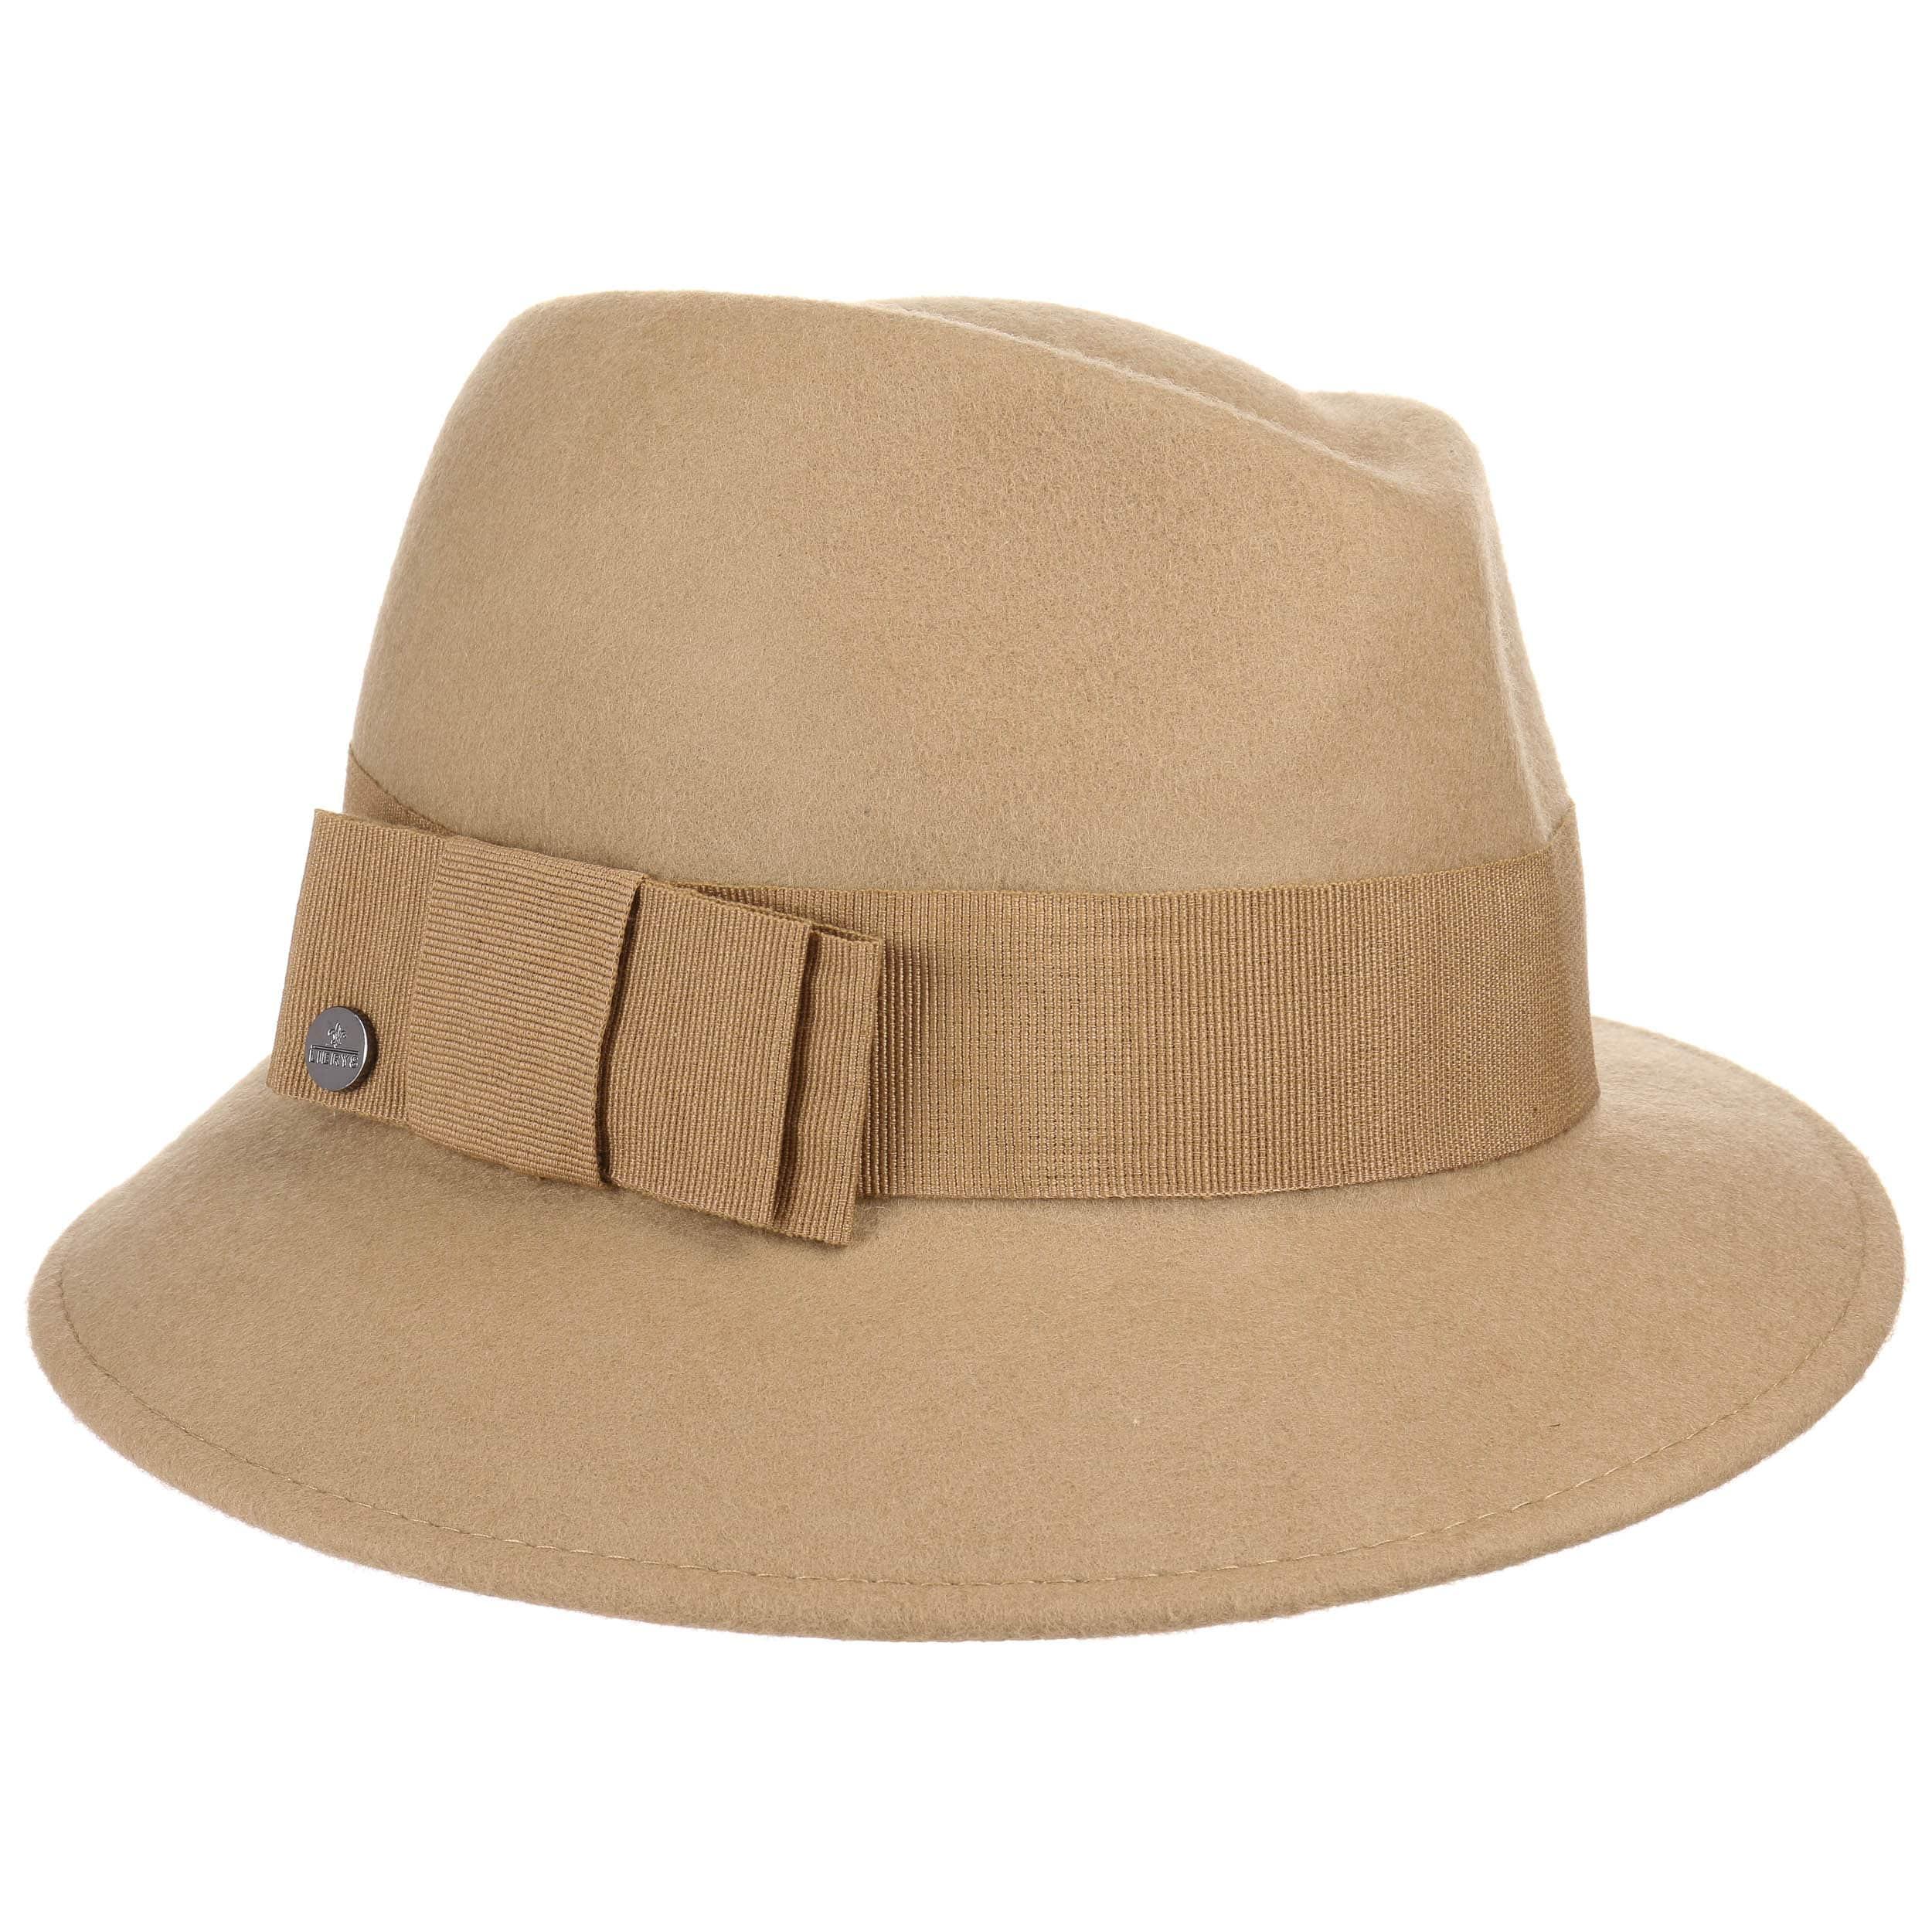 c396534fad9 ... Asym Women´s Hat by Lierys - beige 4 ...